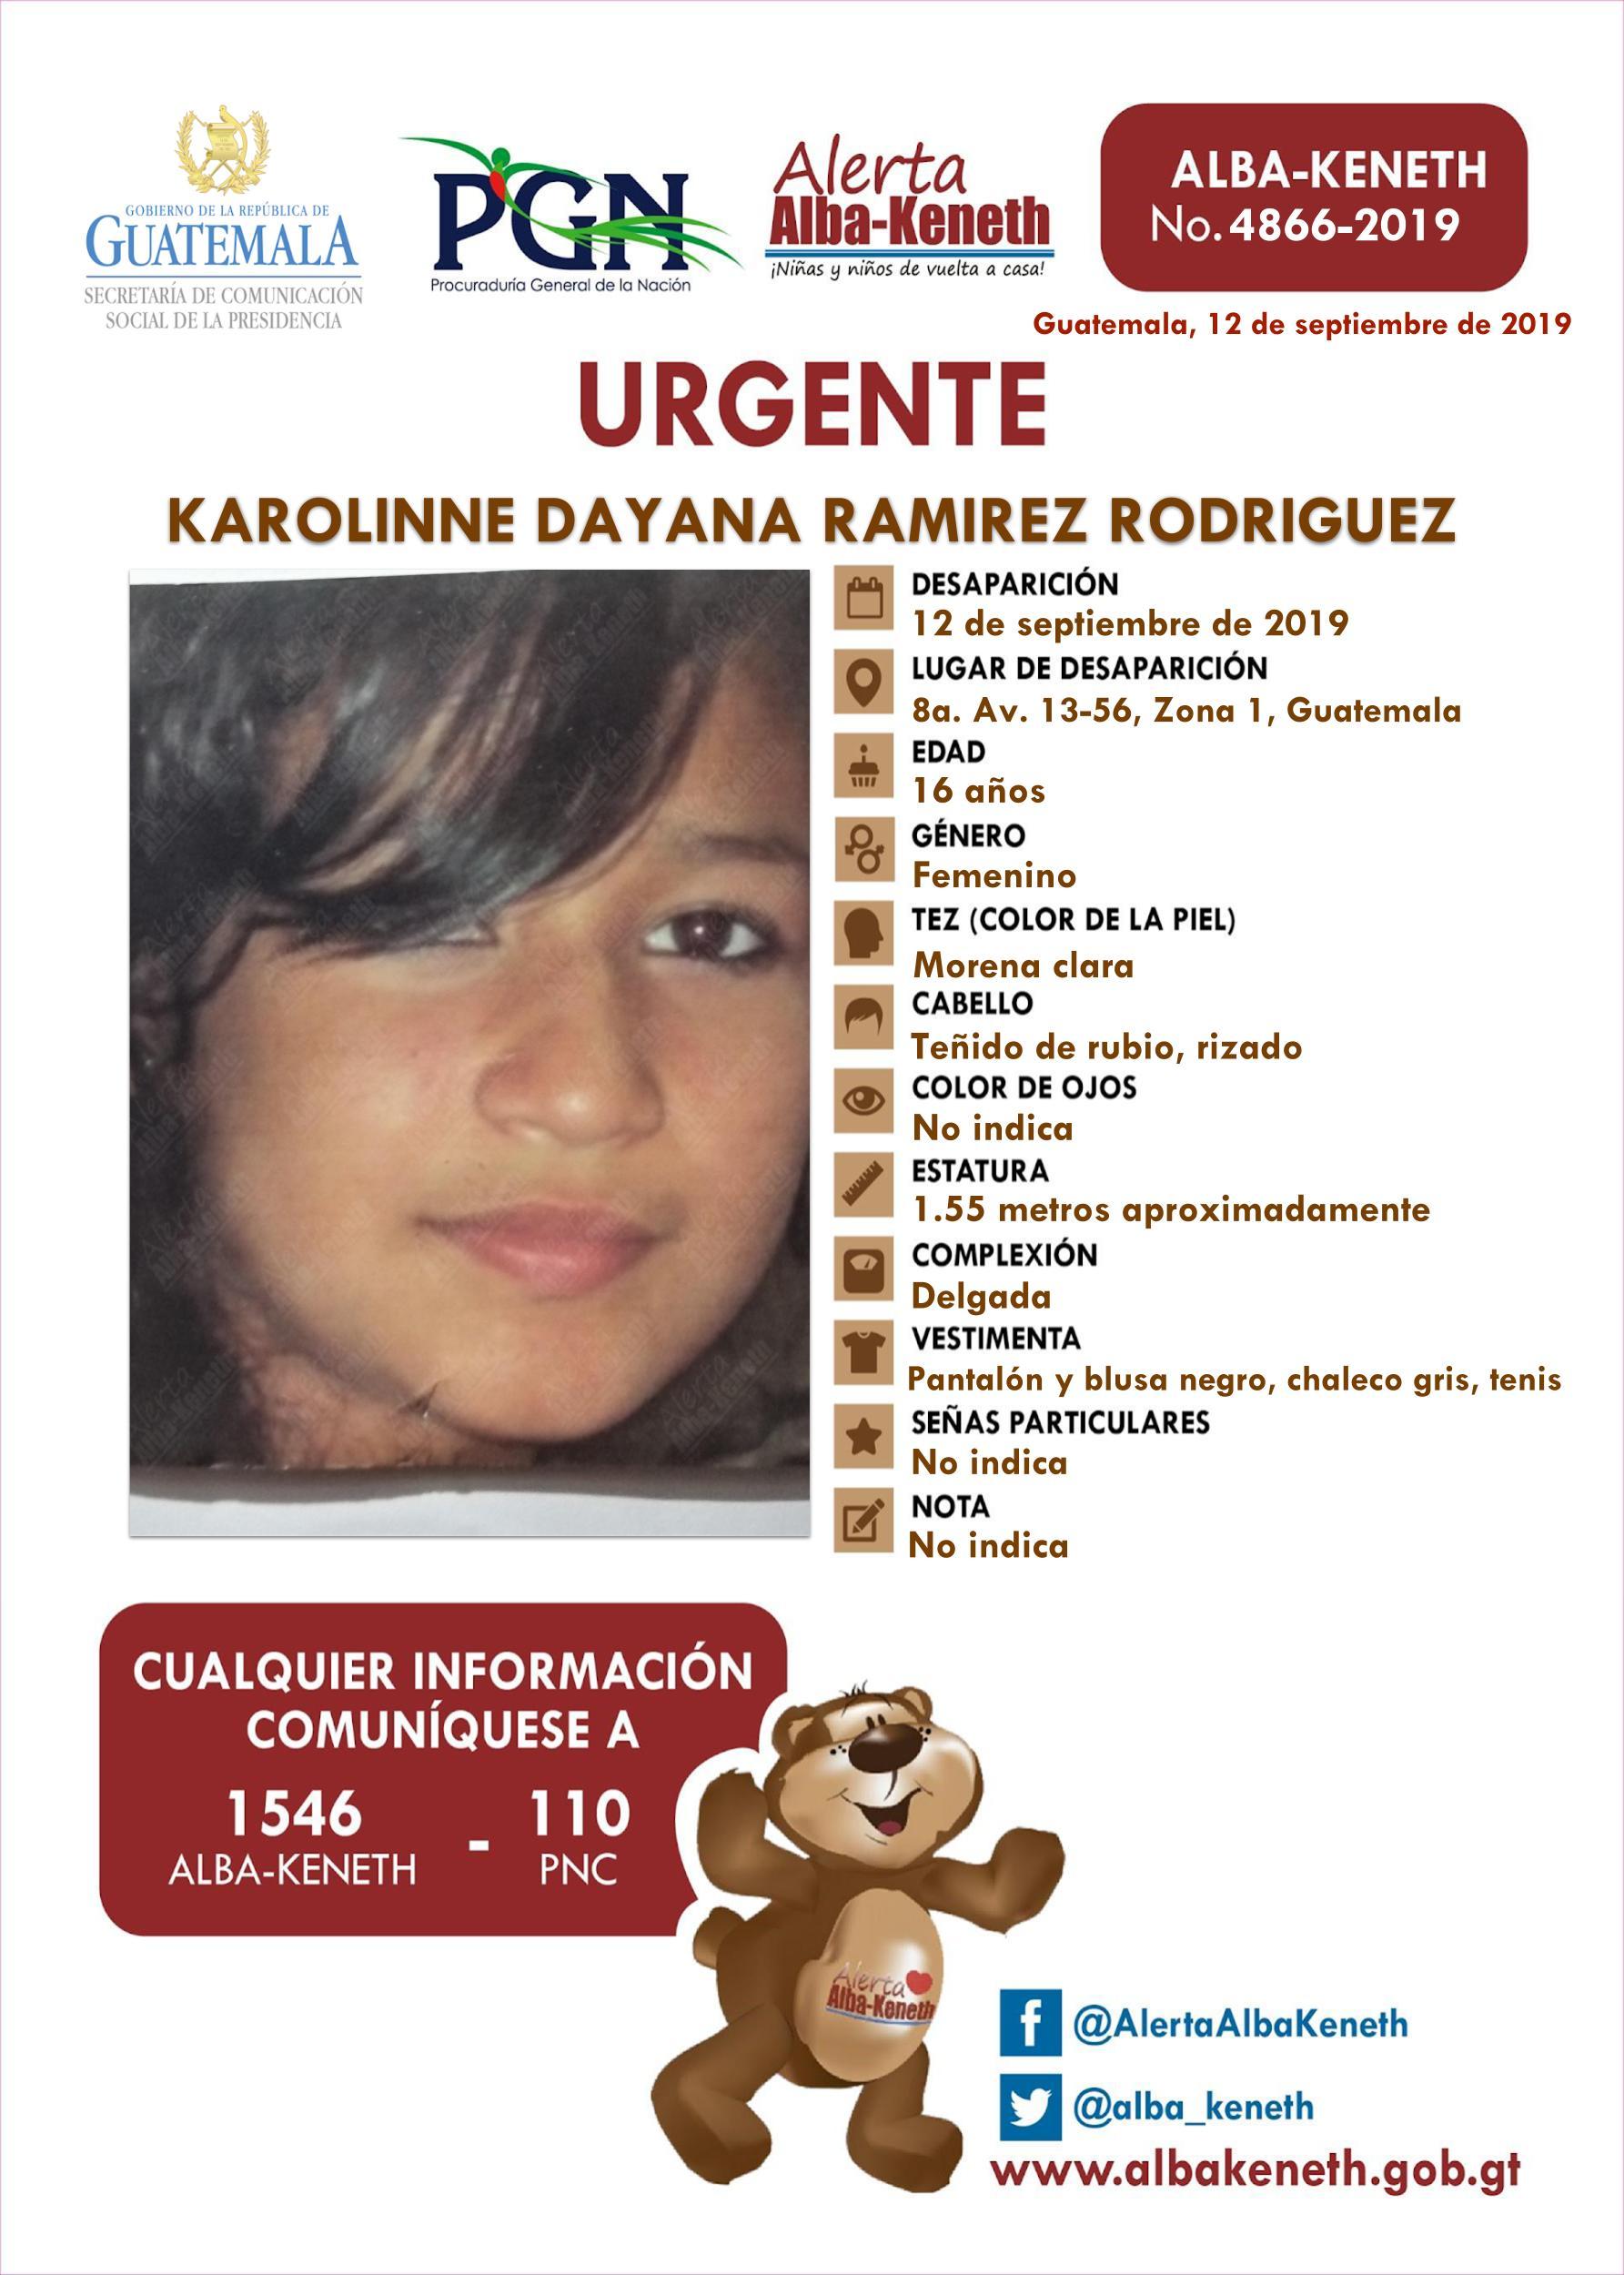 Karolinne Dayana Ramirez Rodriguez